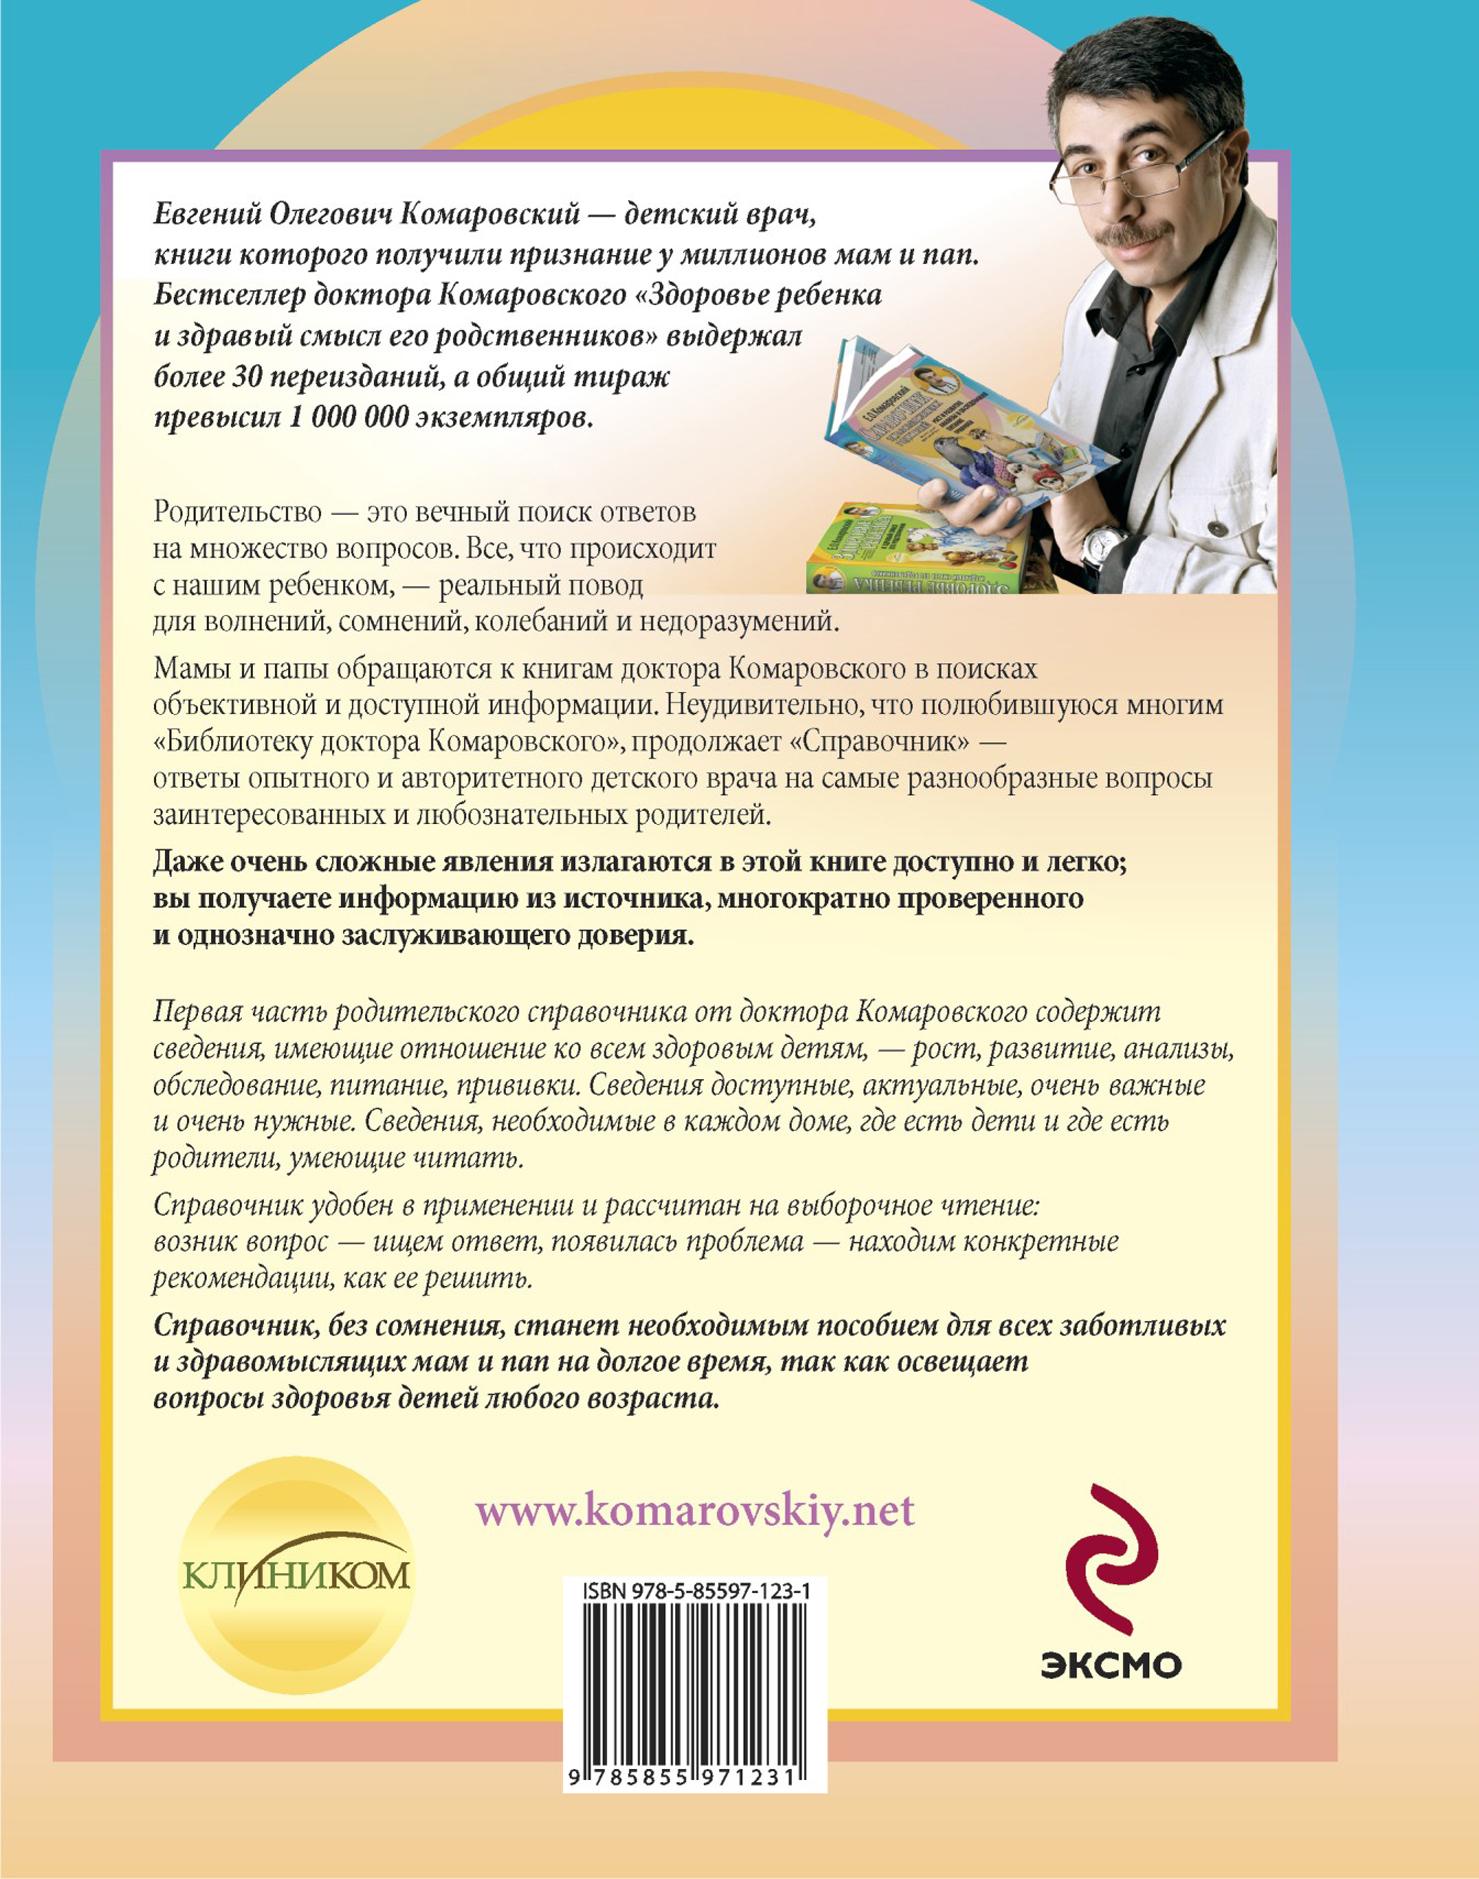 Справочник здравомыслящих родителей. Рост и развитие. Анализы и обследования. Питание. Прививки